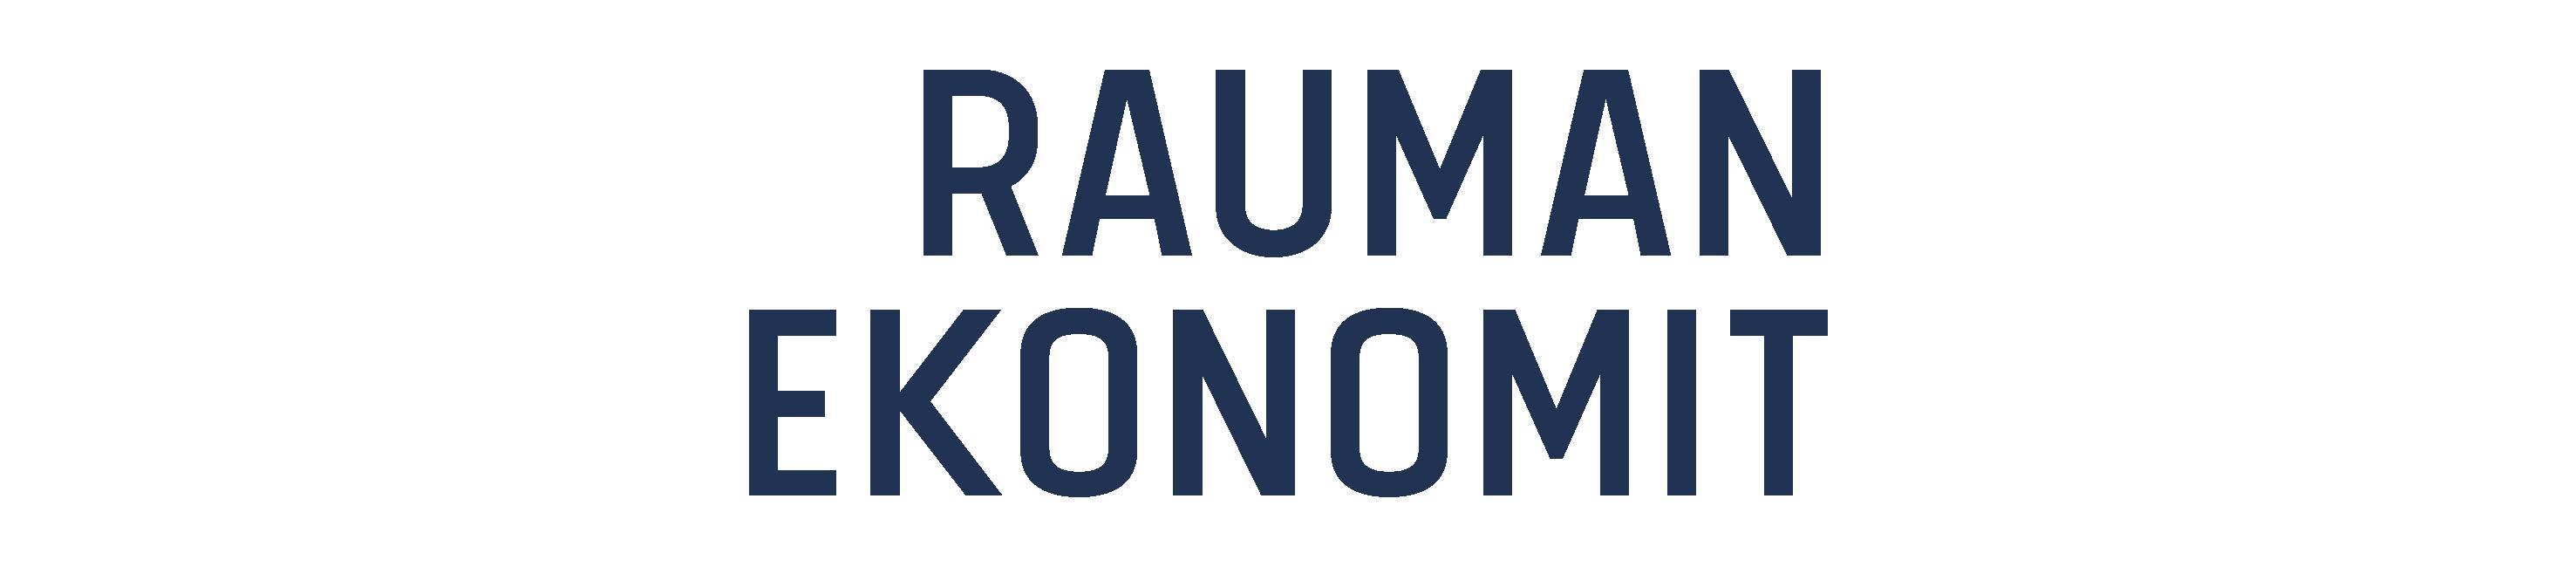 Rauman Ekonomit